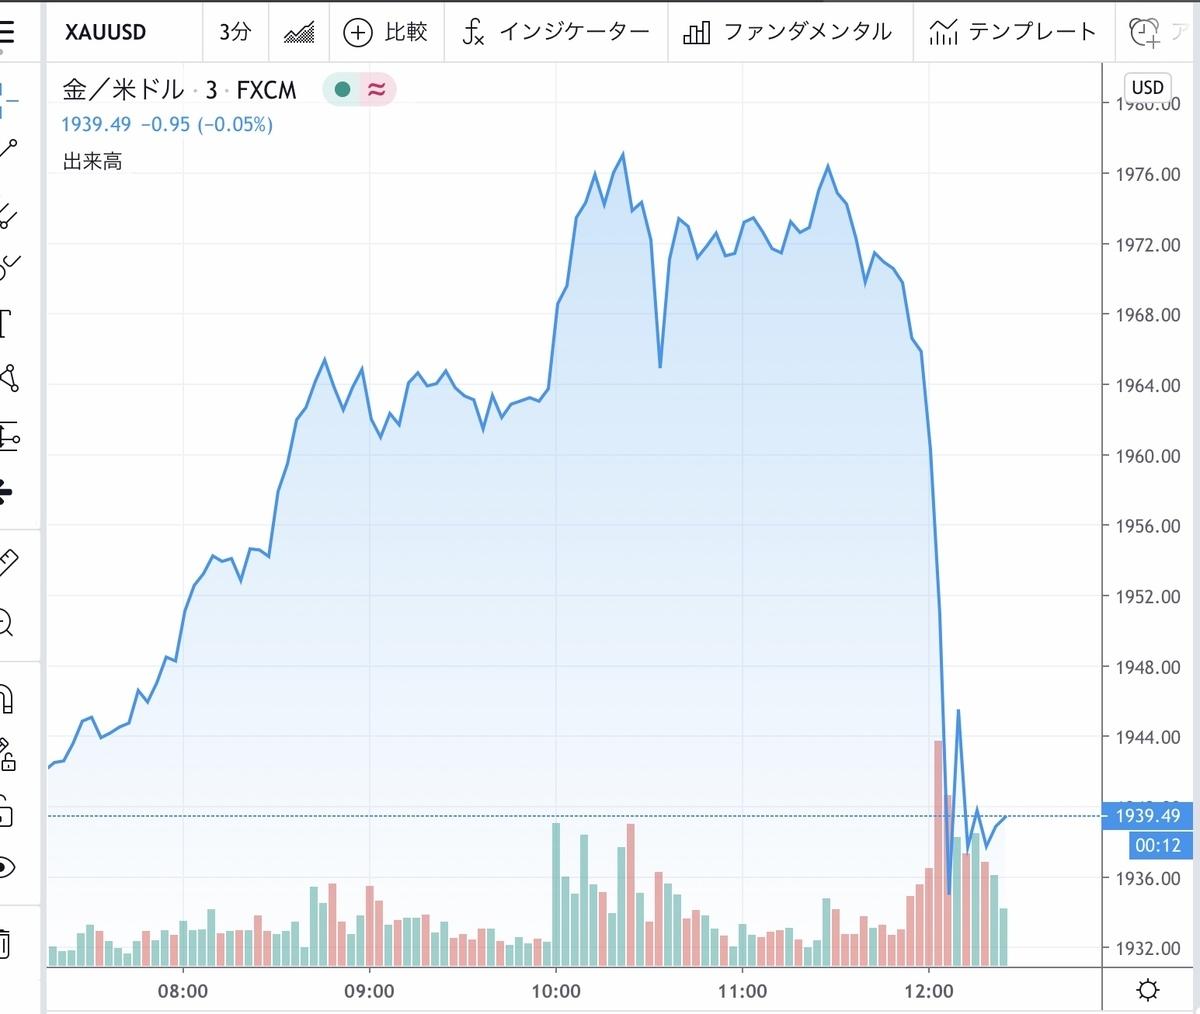 f:id:US-Stocks:20200728122721j:plain